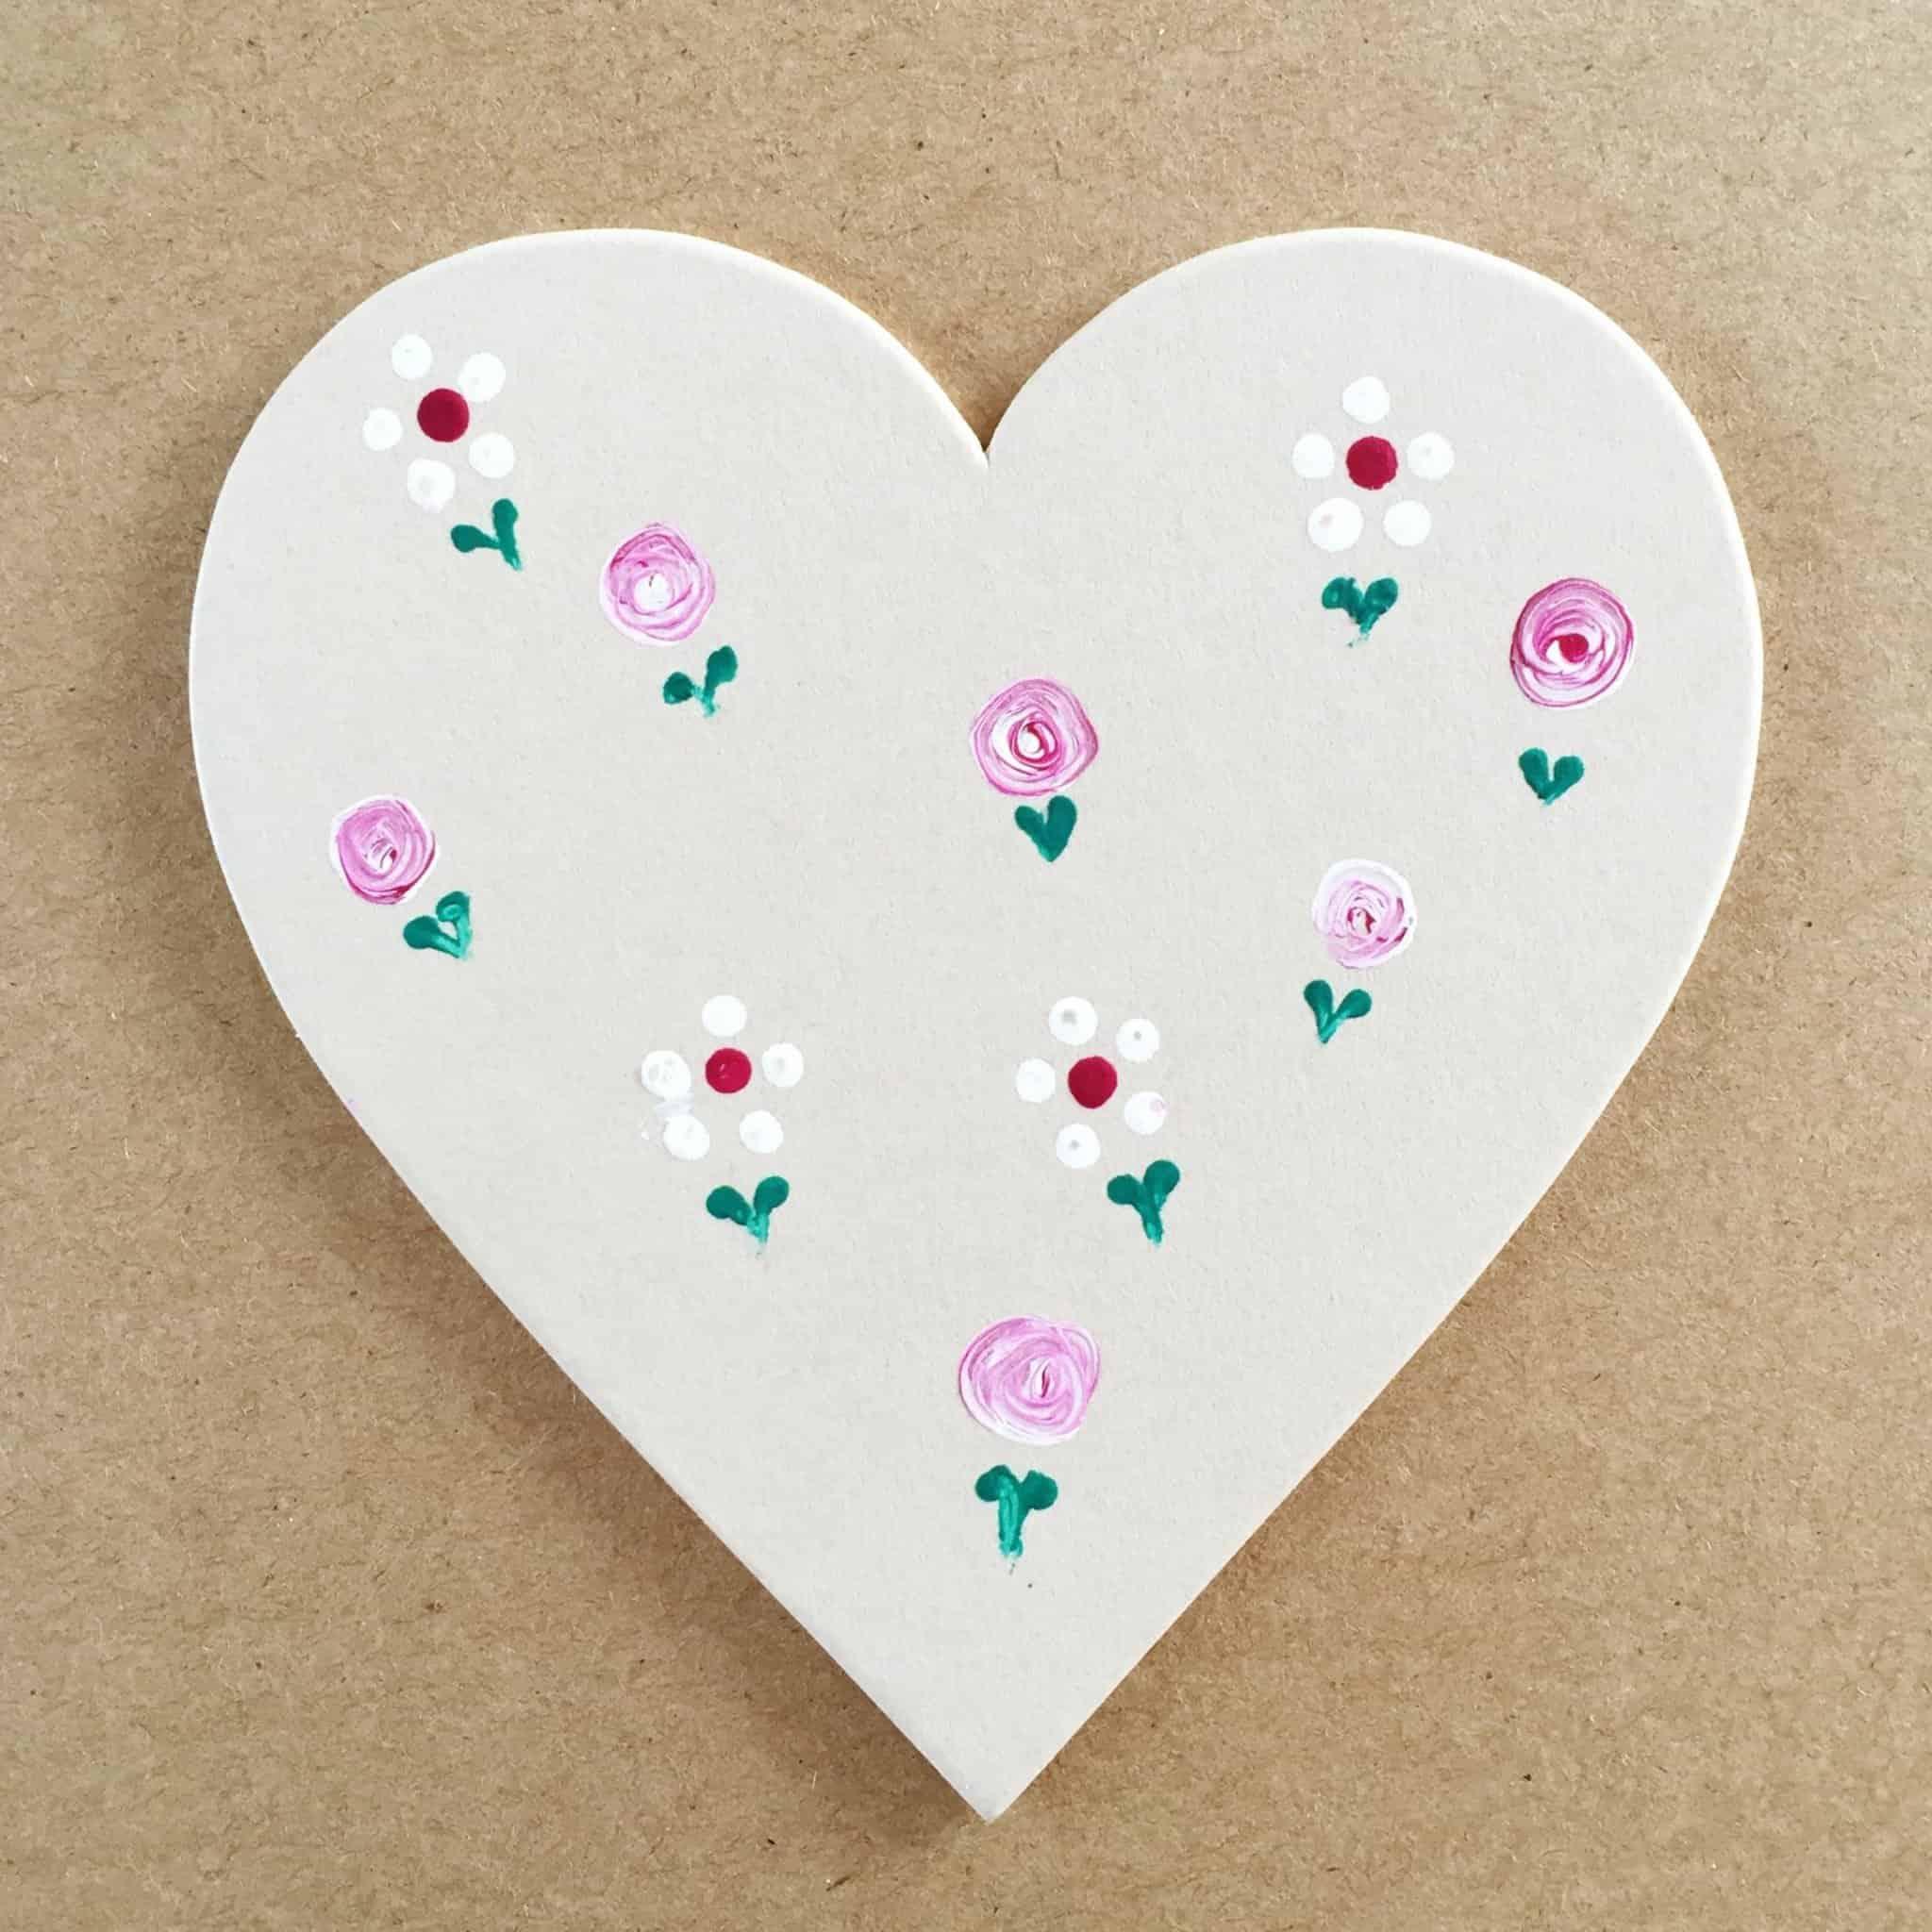 Dot Daisy Practice Heart with Folk It at The Handmade Fair